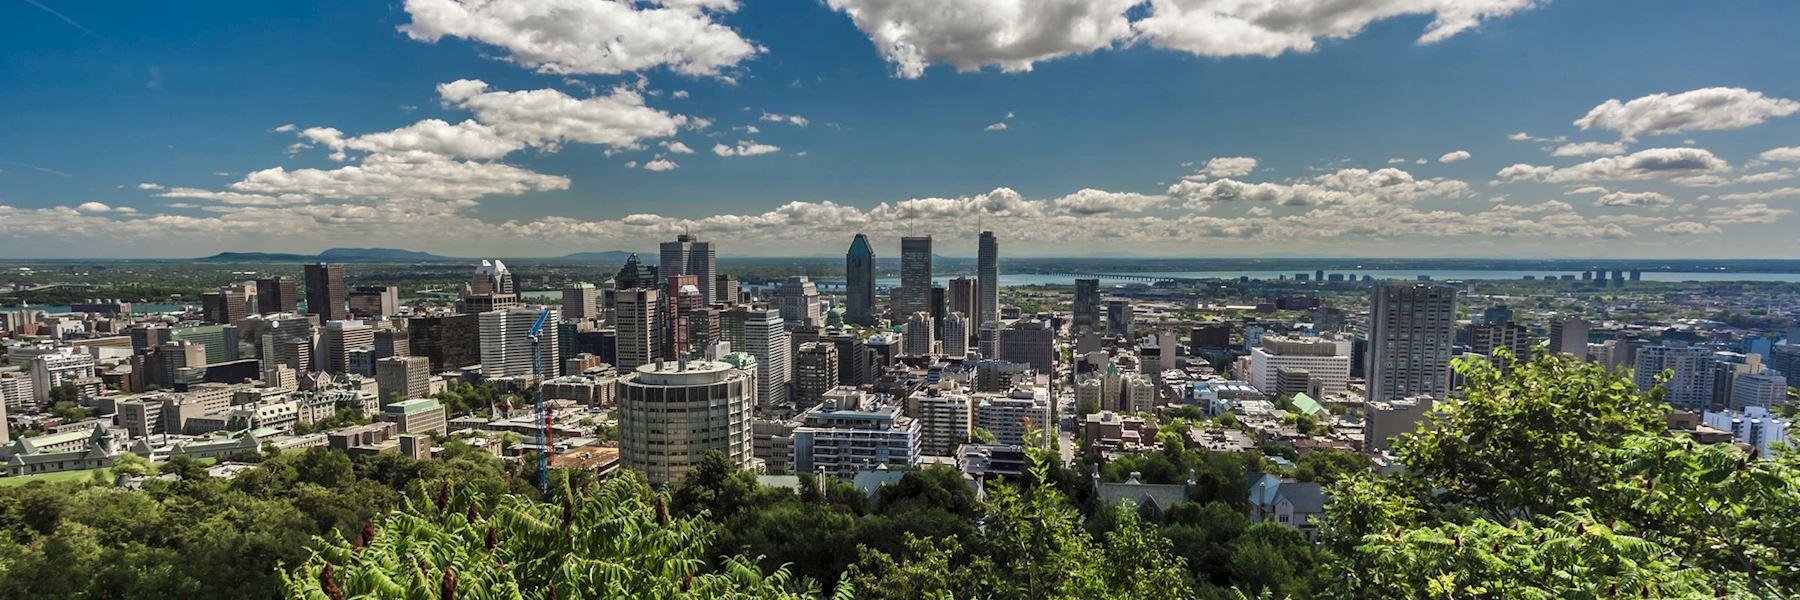 Visit Montréal, Canada